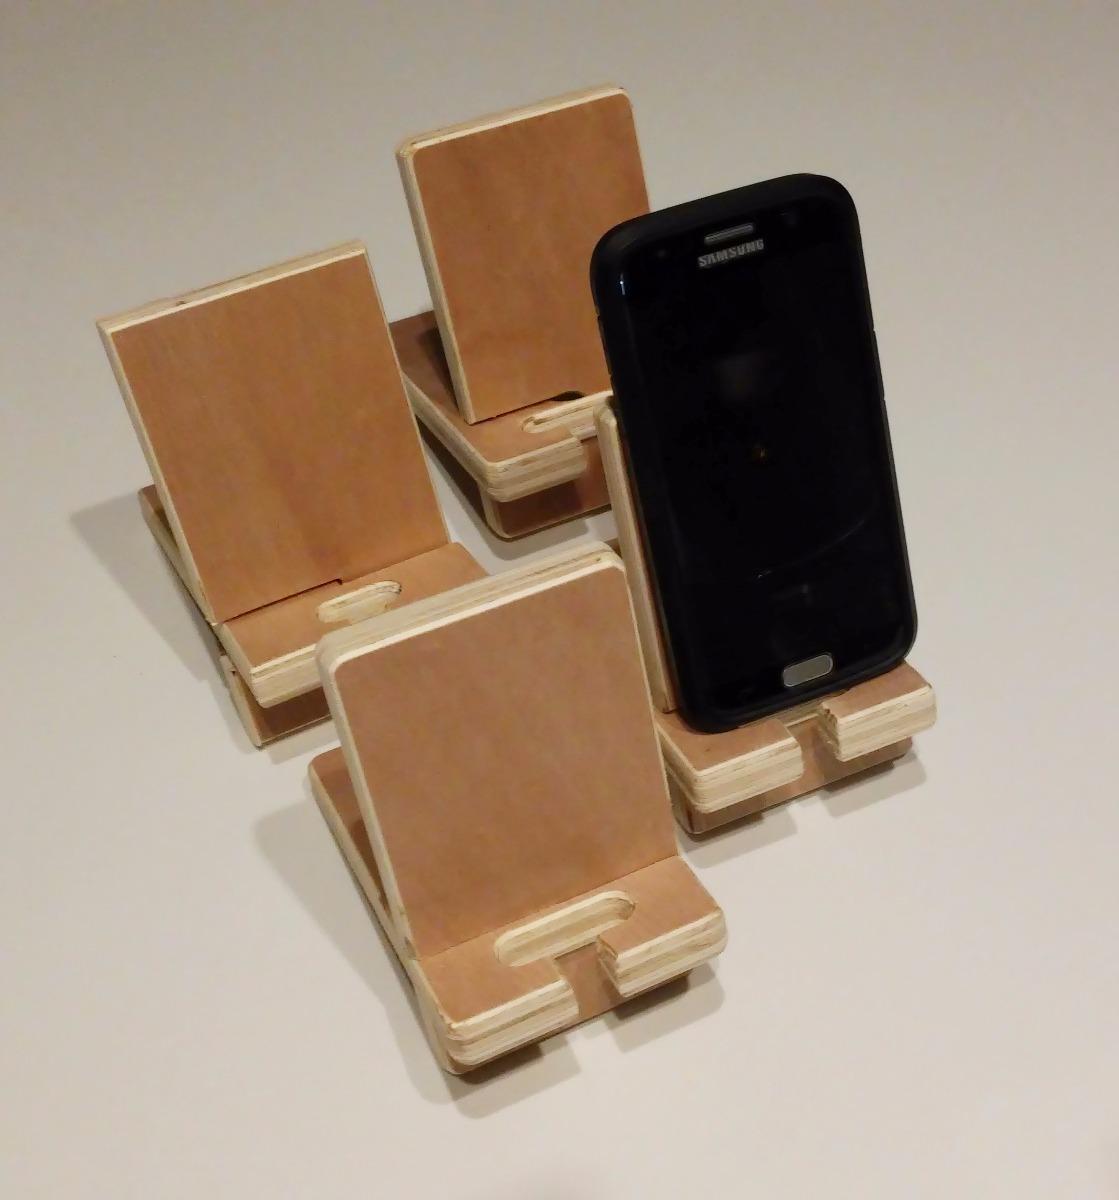 Soporte para celular escritorio soporte celular en - Soportes para estantes de madera ...